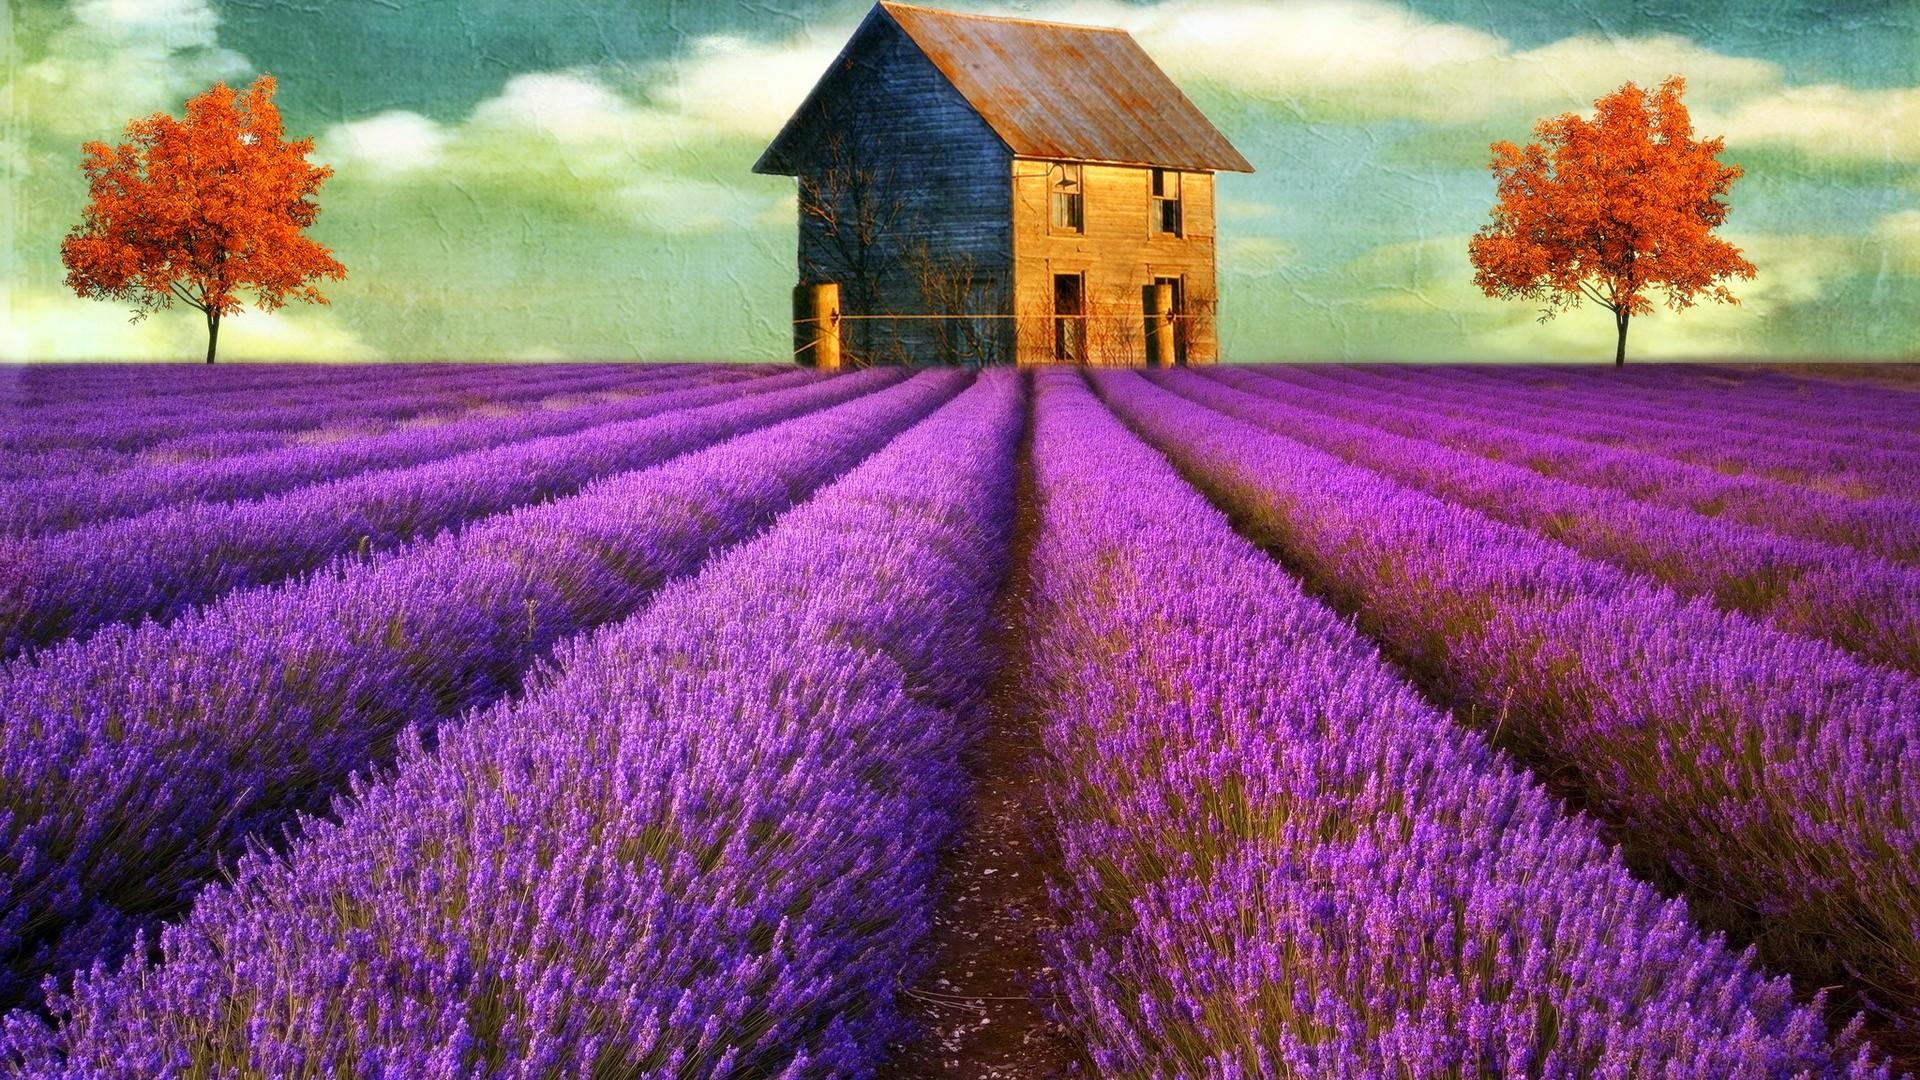 Lavender Flowers Desktop Wallpaper   Wallpaper High Definition High 1920x1080